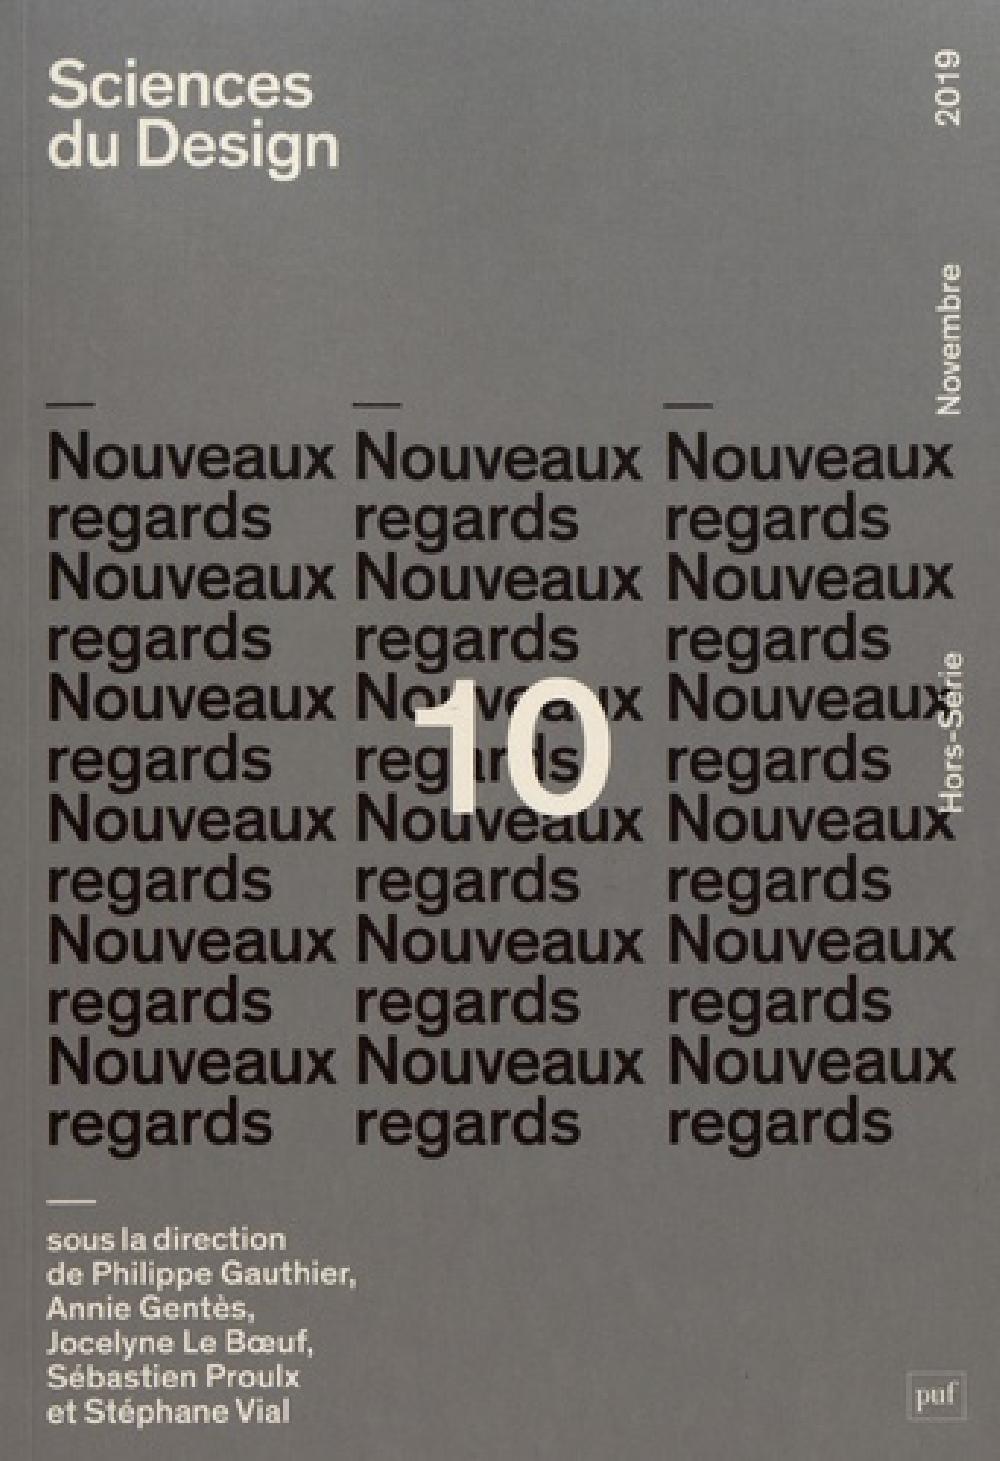 Sciences du design N°10 / Nouveaux regards